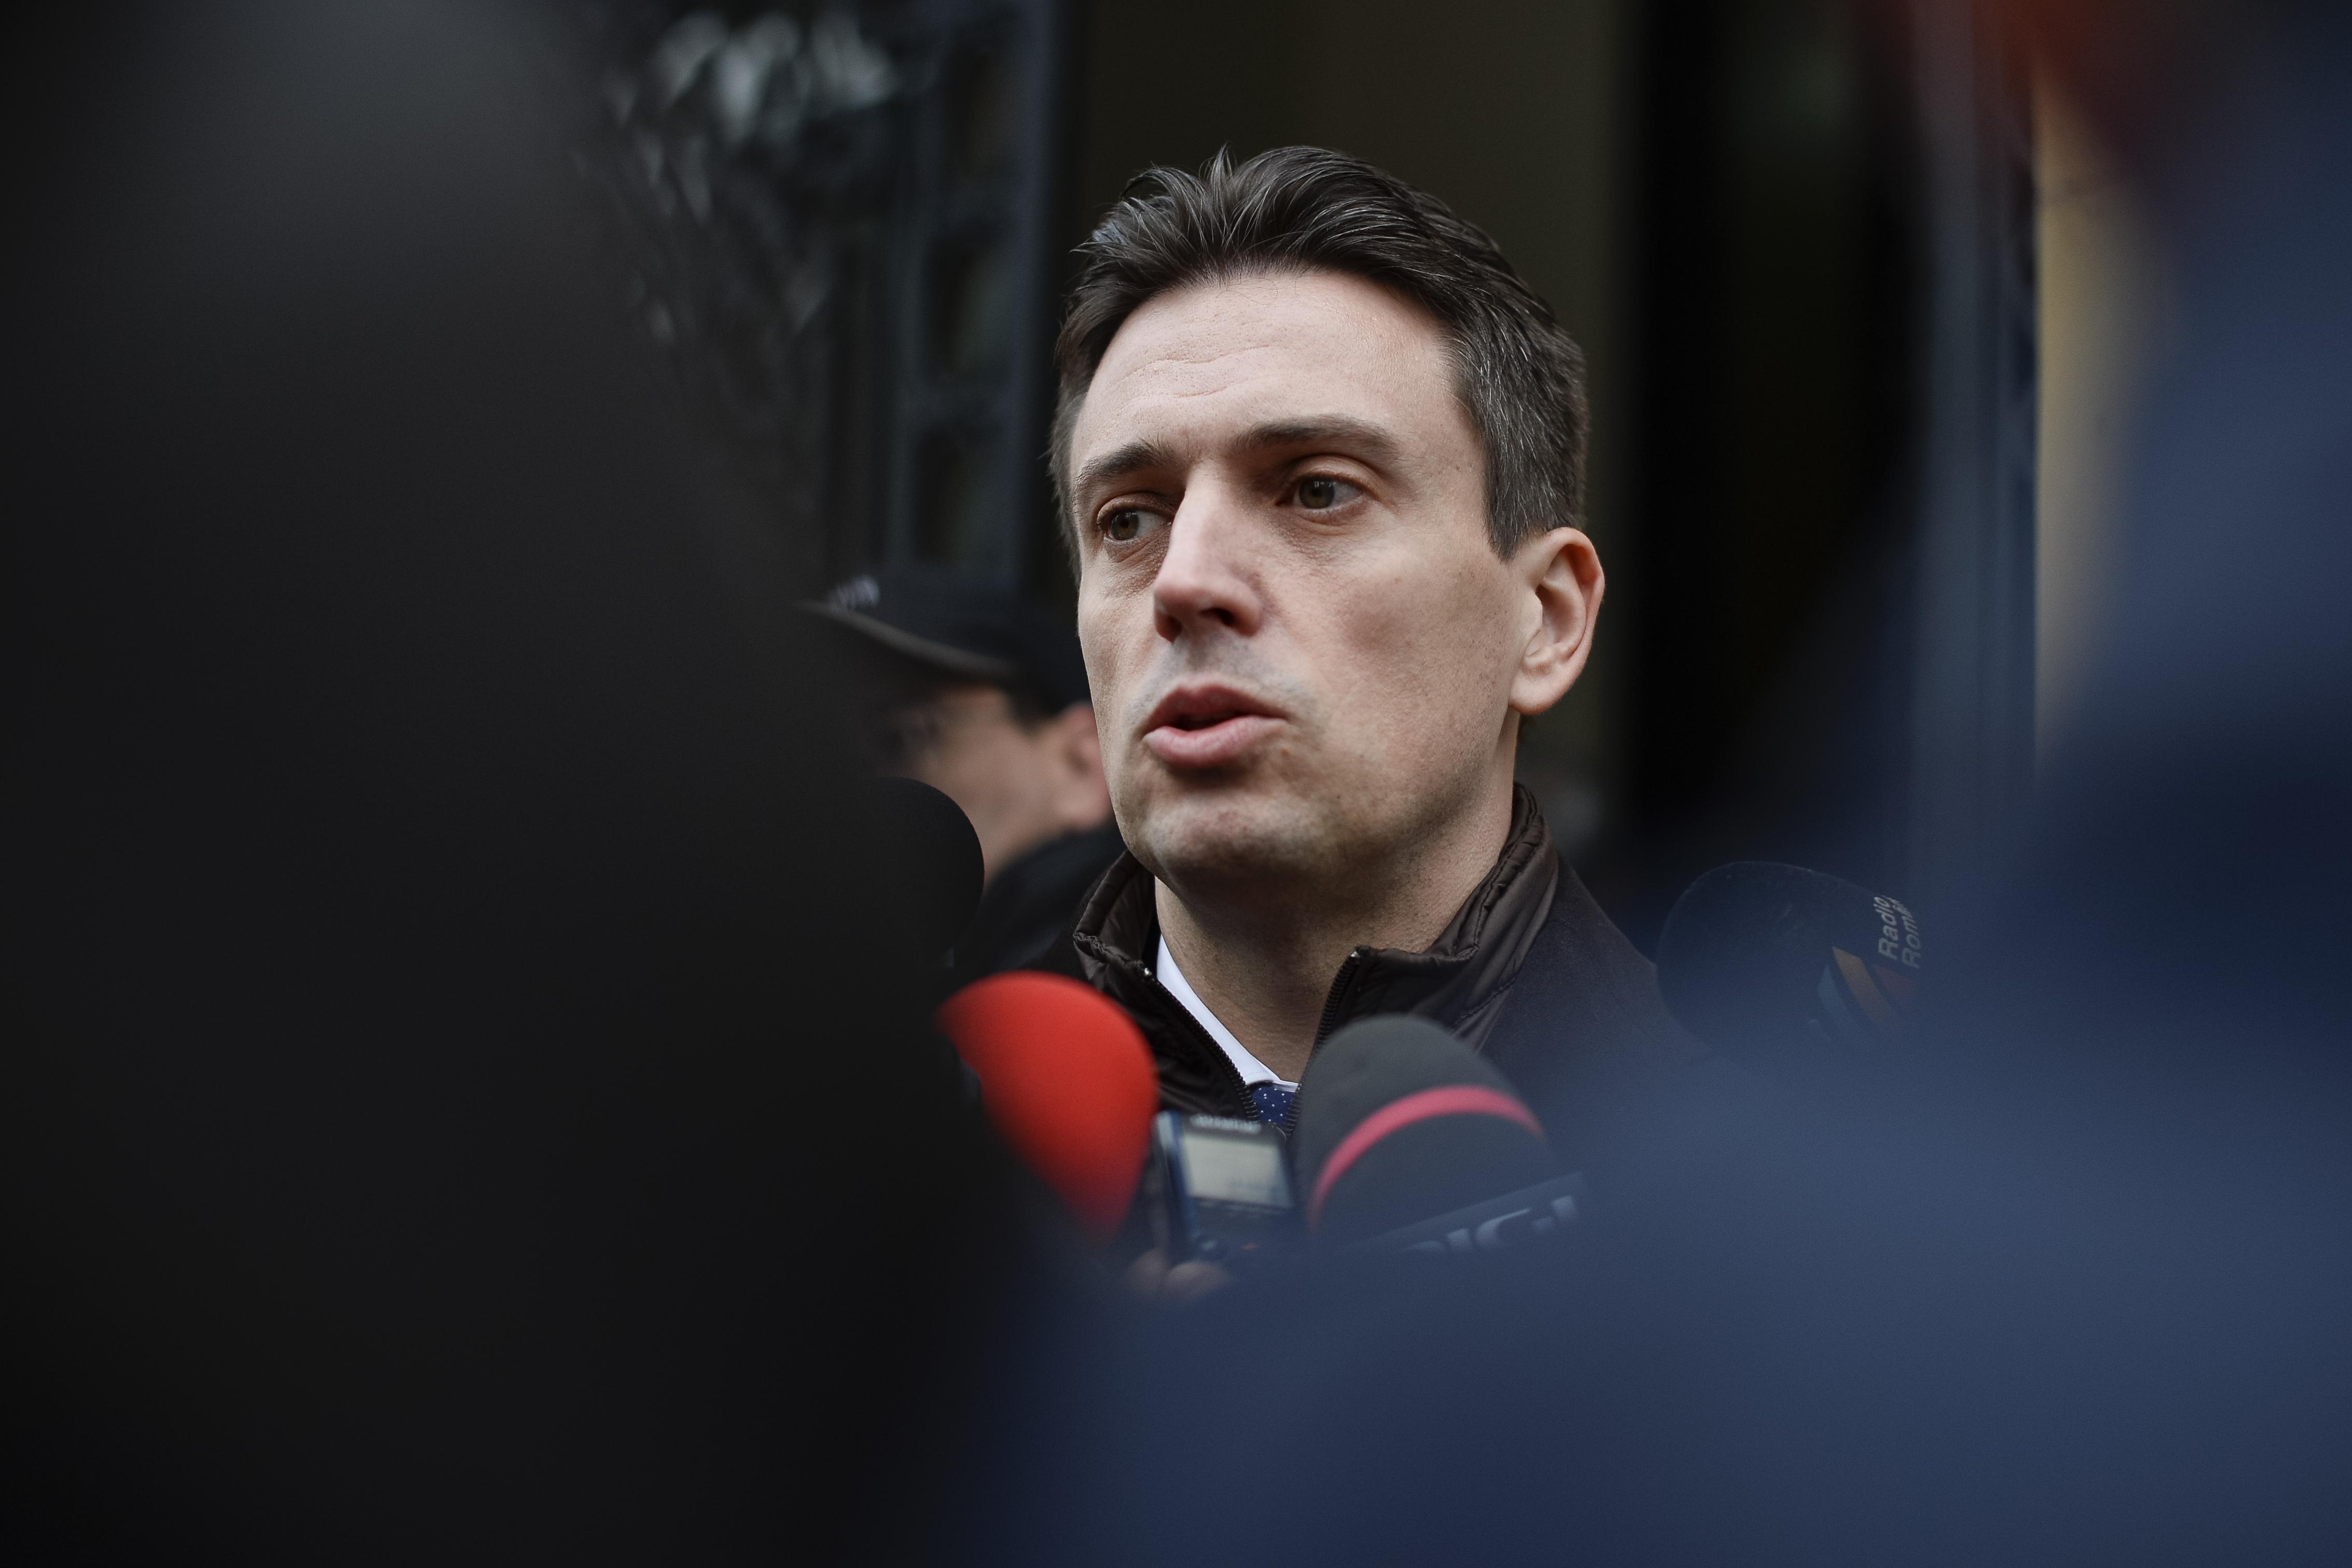 Europarlamentarul Cătălin Ivan, despre propunerea lui Rădulescu, potrivit căreia pragul pentru abuz în serviciu ar urma să fie 200.000 euro: Este pură ticăloşie. Ar fi trebuit să îşi încheie cariera